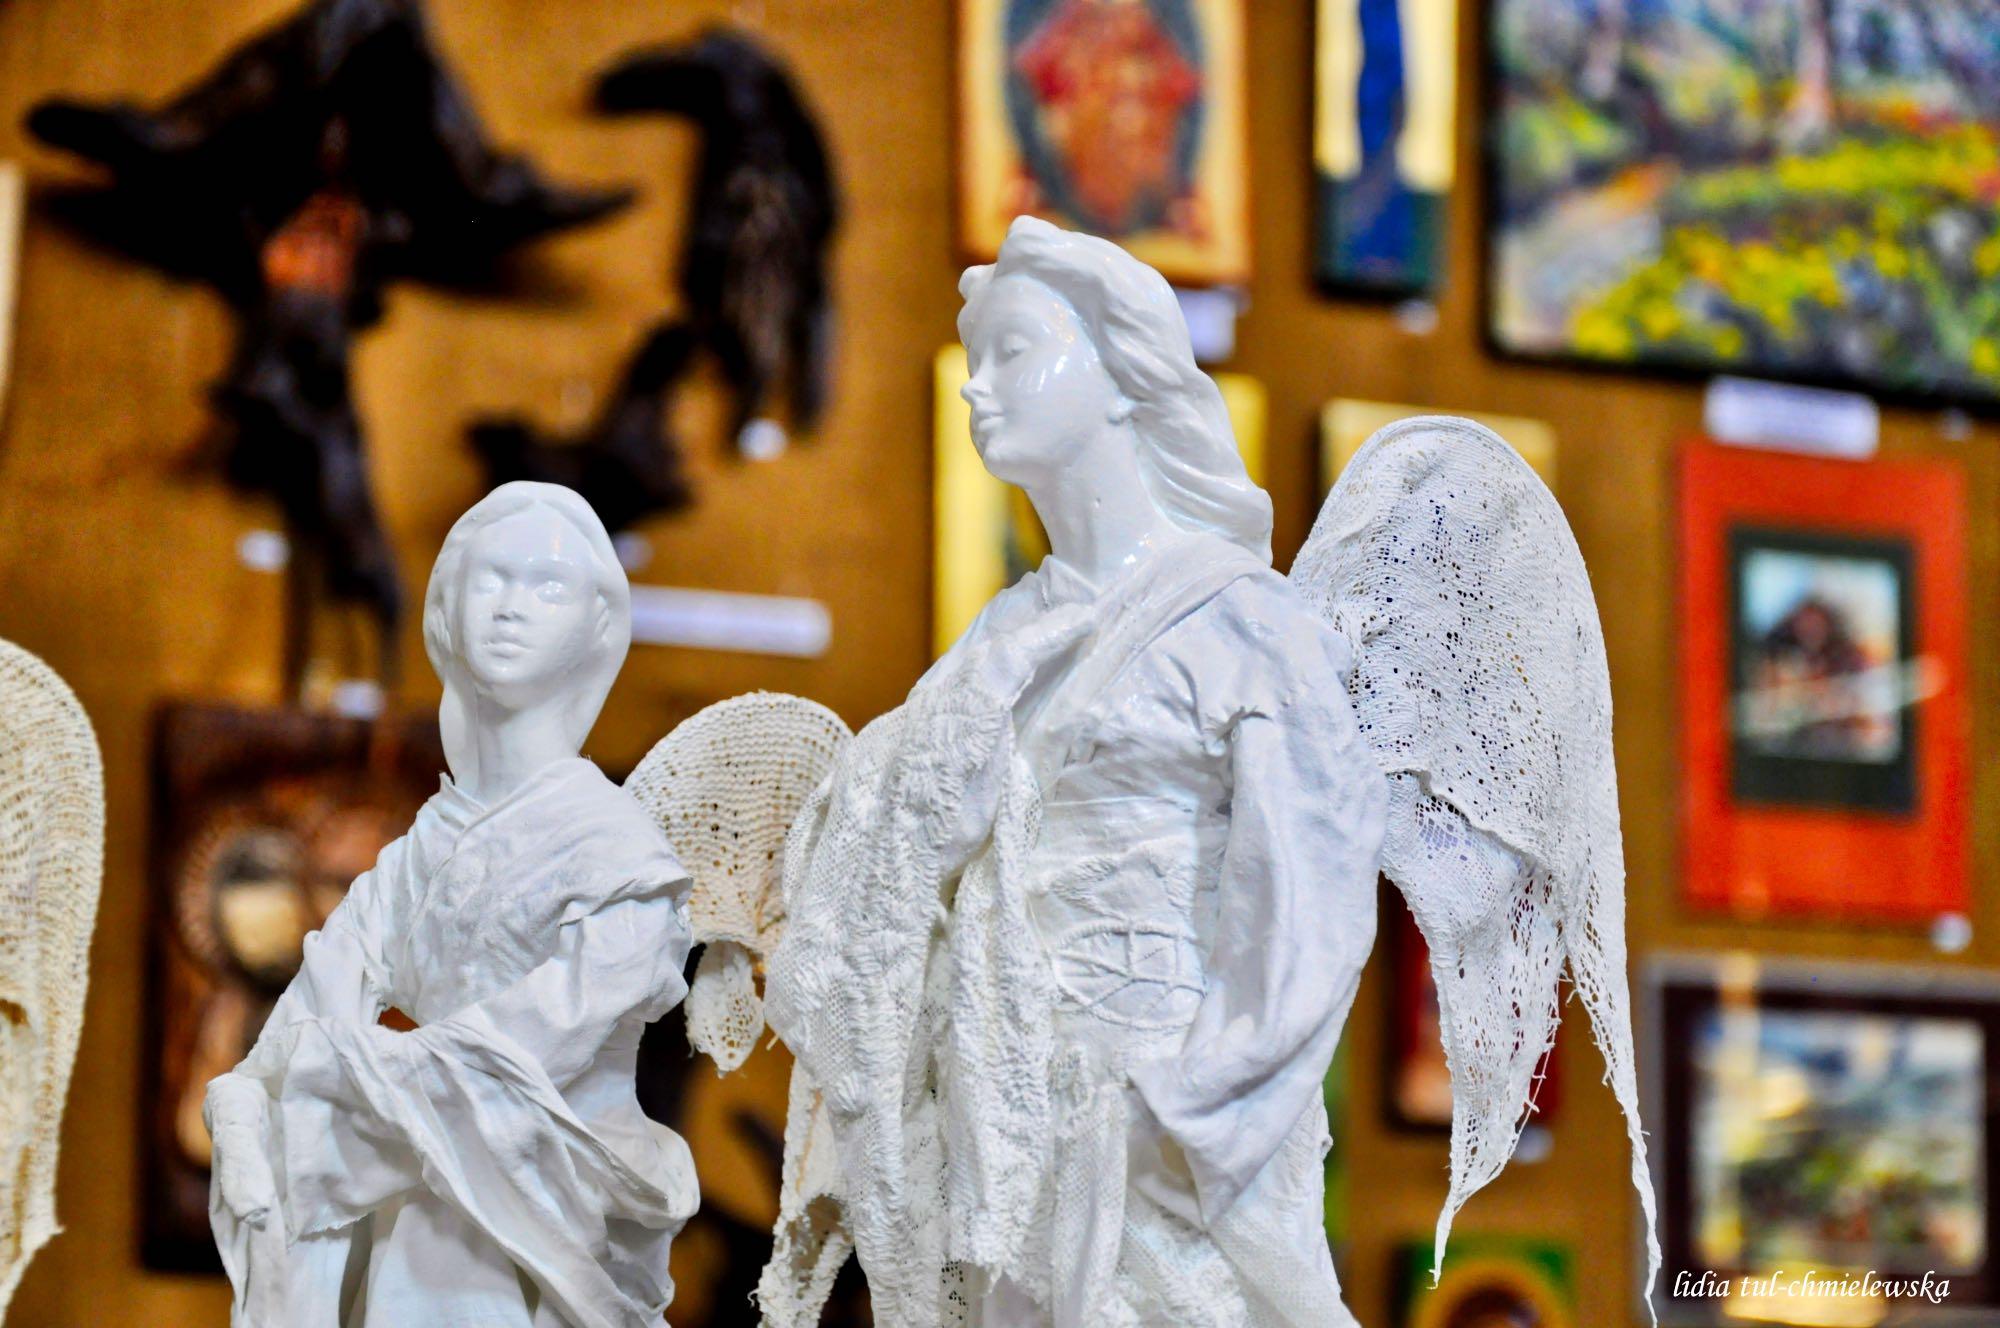 Bieszczadzkie anioły / fot. Lidia Tul-Chmielewska